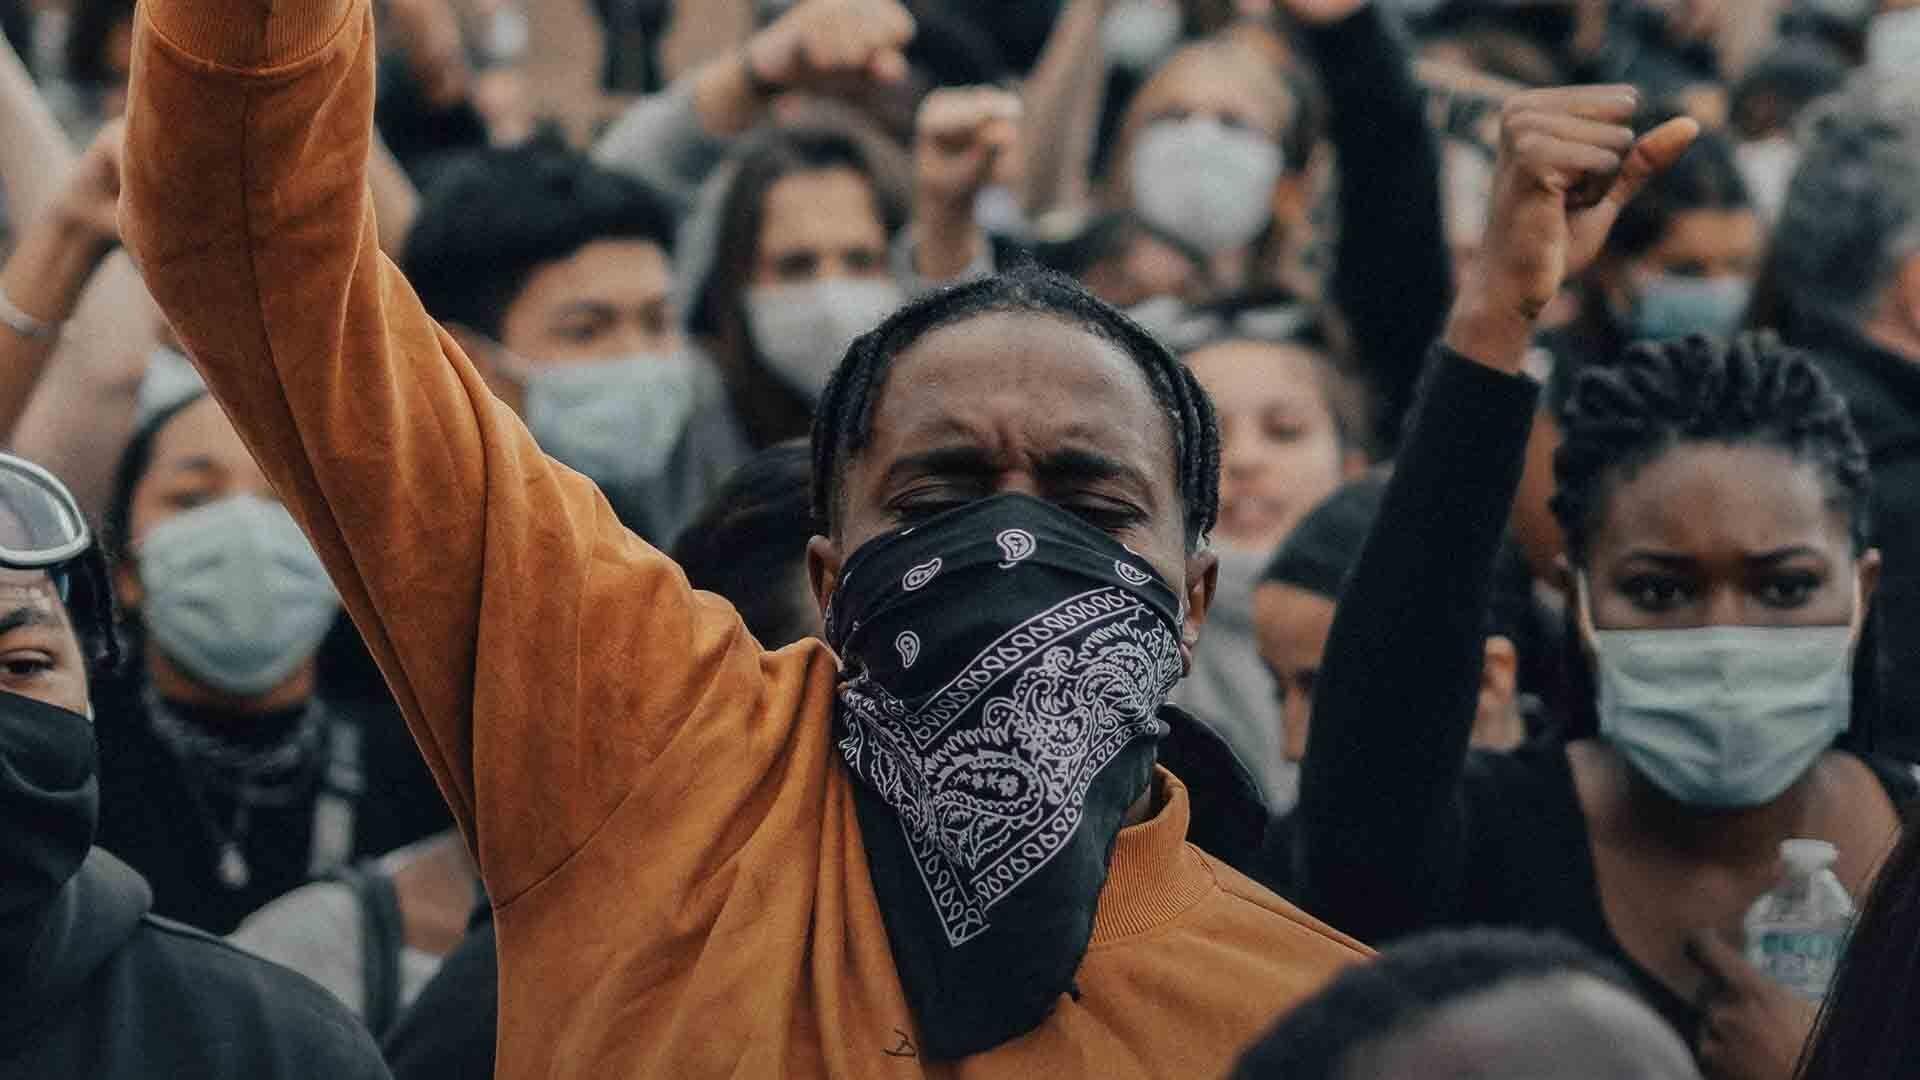 La condanna per il caso Floyd «è una vittoria del Black Lives Matter»